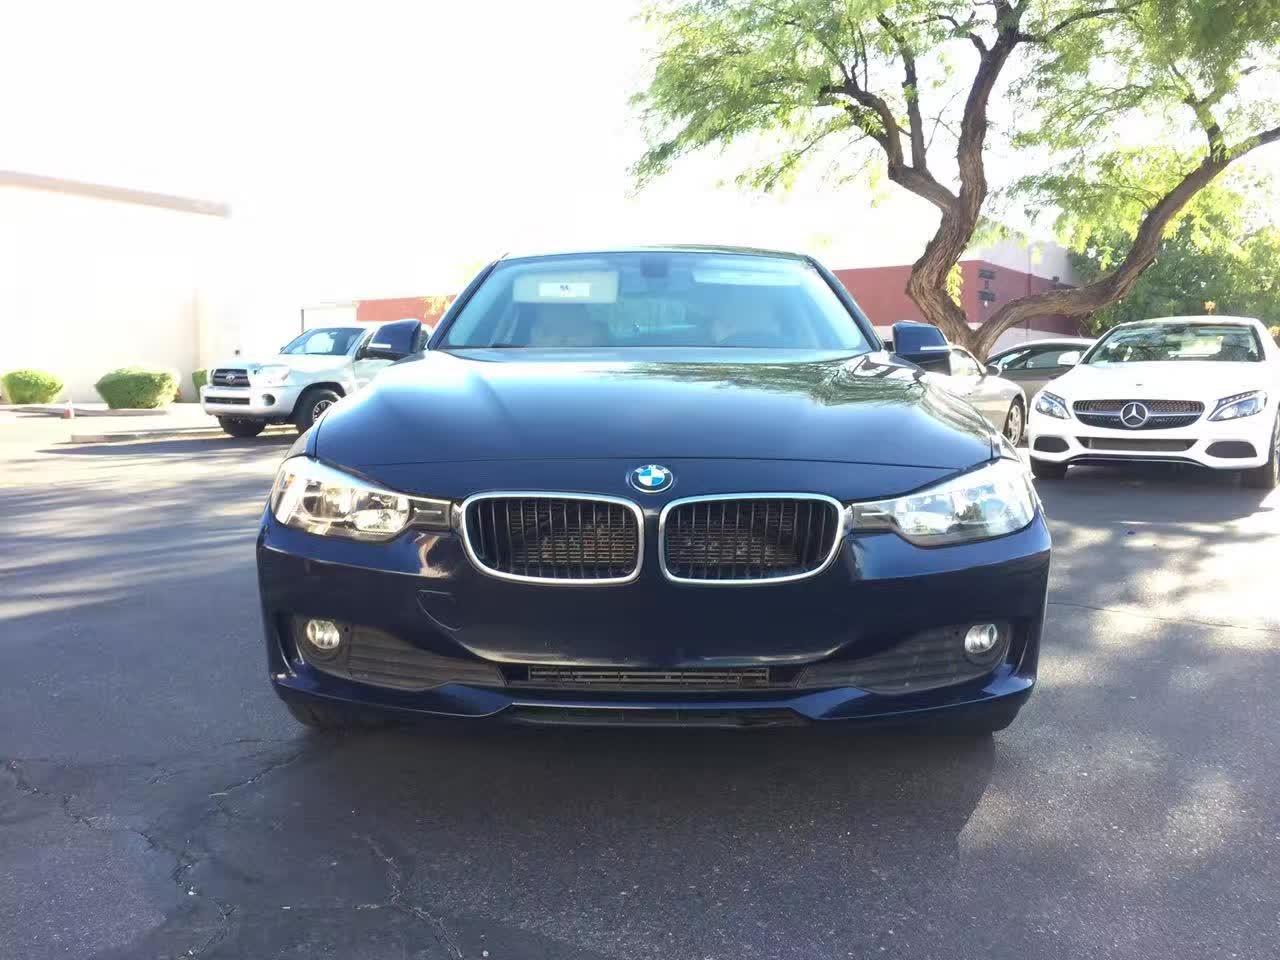 买车能力 二手 TX Texas 得克萨斯州 拉雷多 laredo BMW 宝马